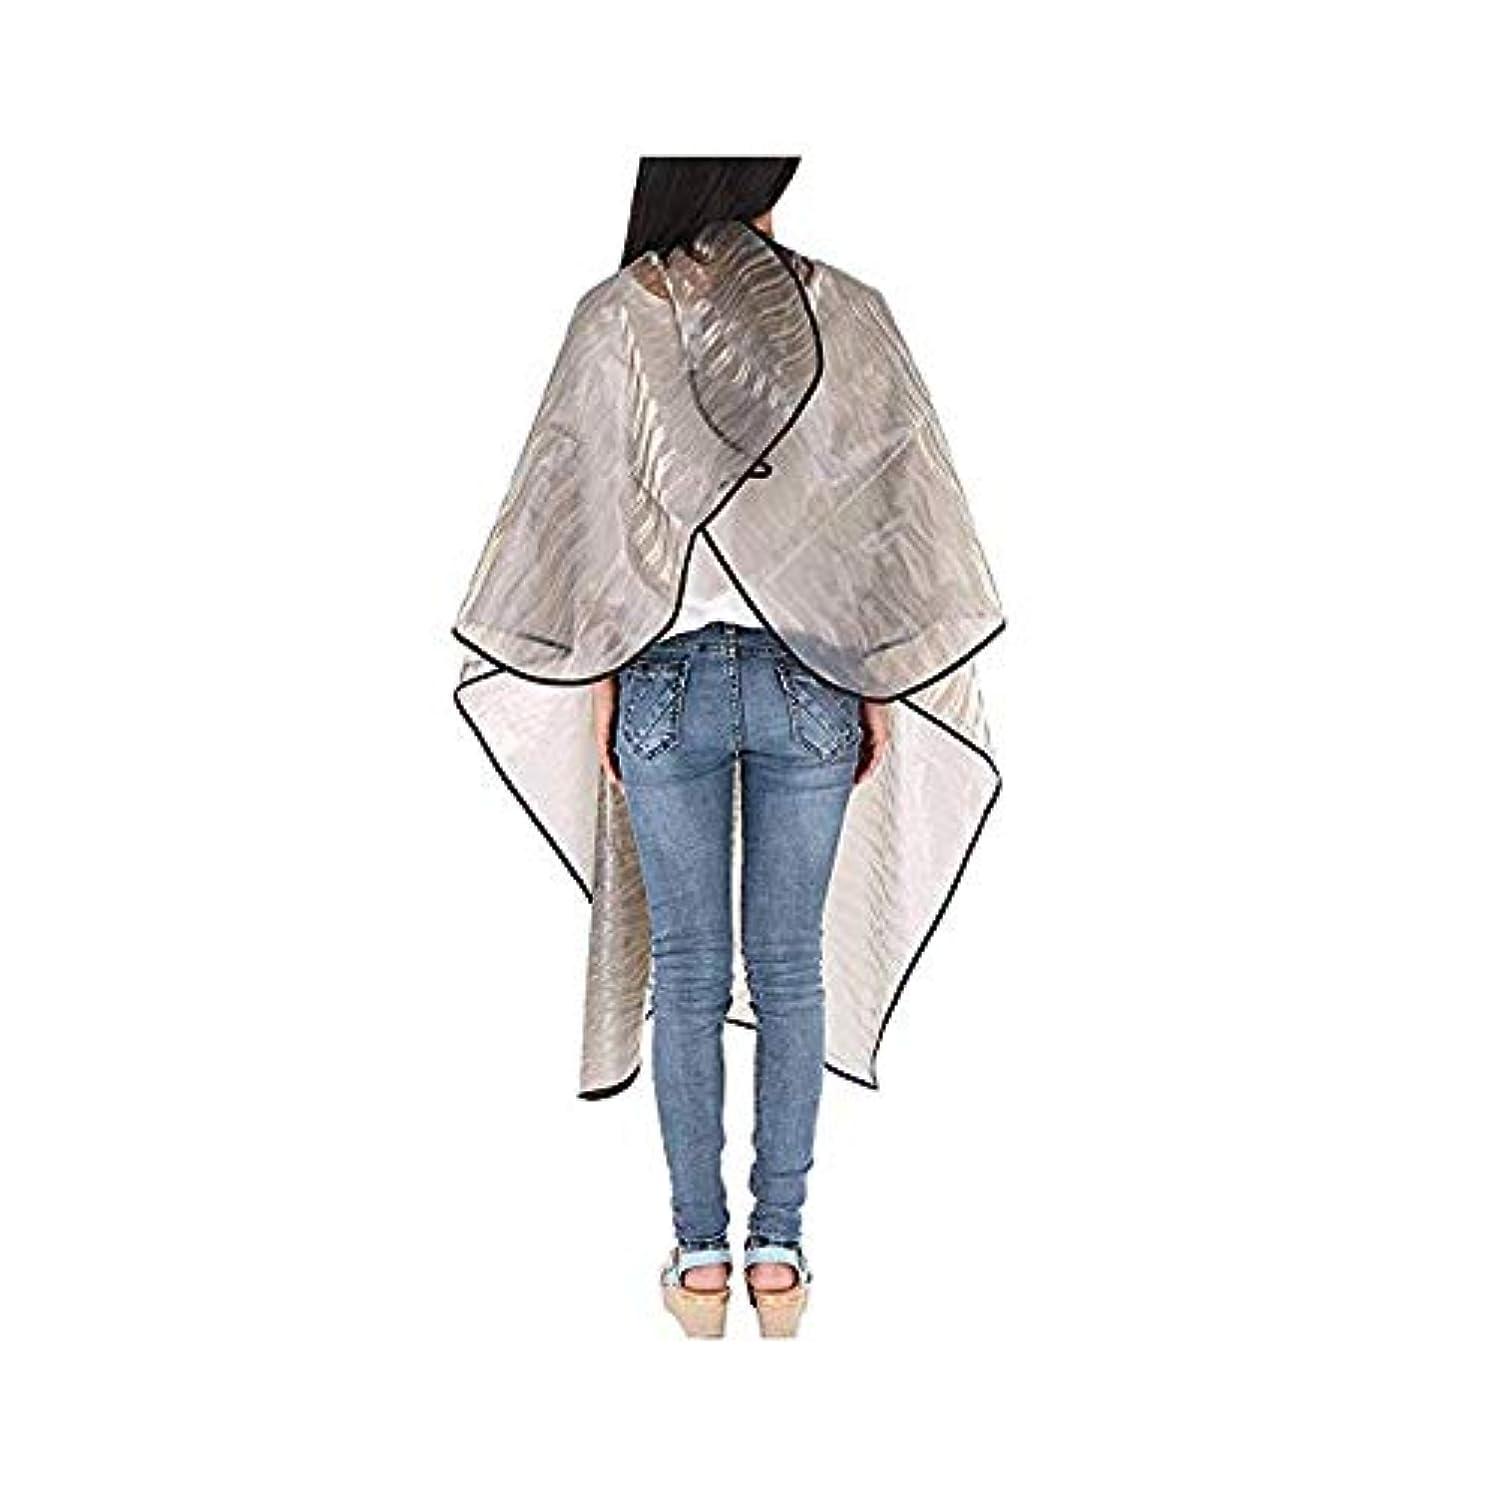 強化するサンドイッチガラガラ透明防水毛染め布、3個のヘアカットケープ3Dウォーターリップル毛染め布、 ヘアケア